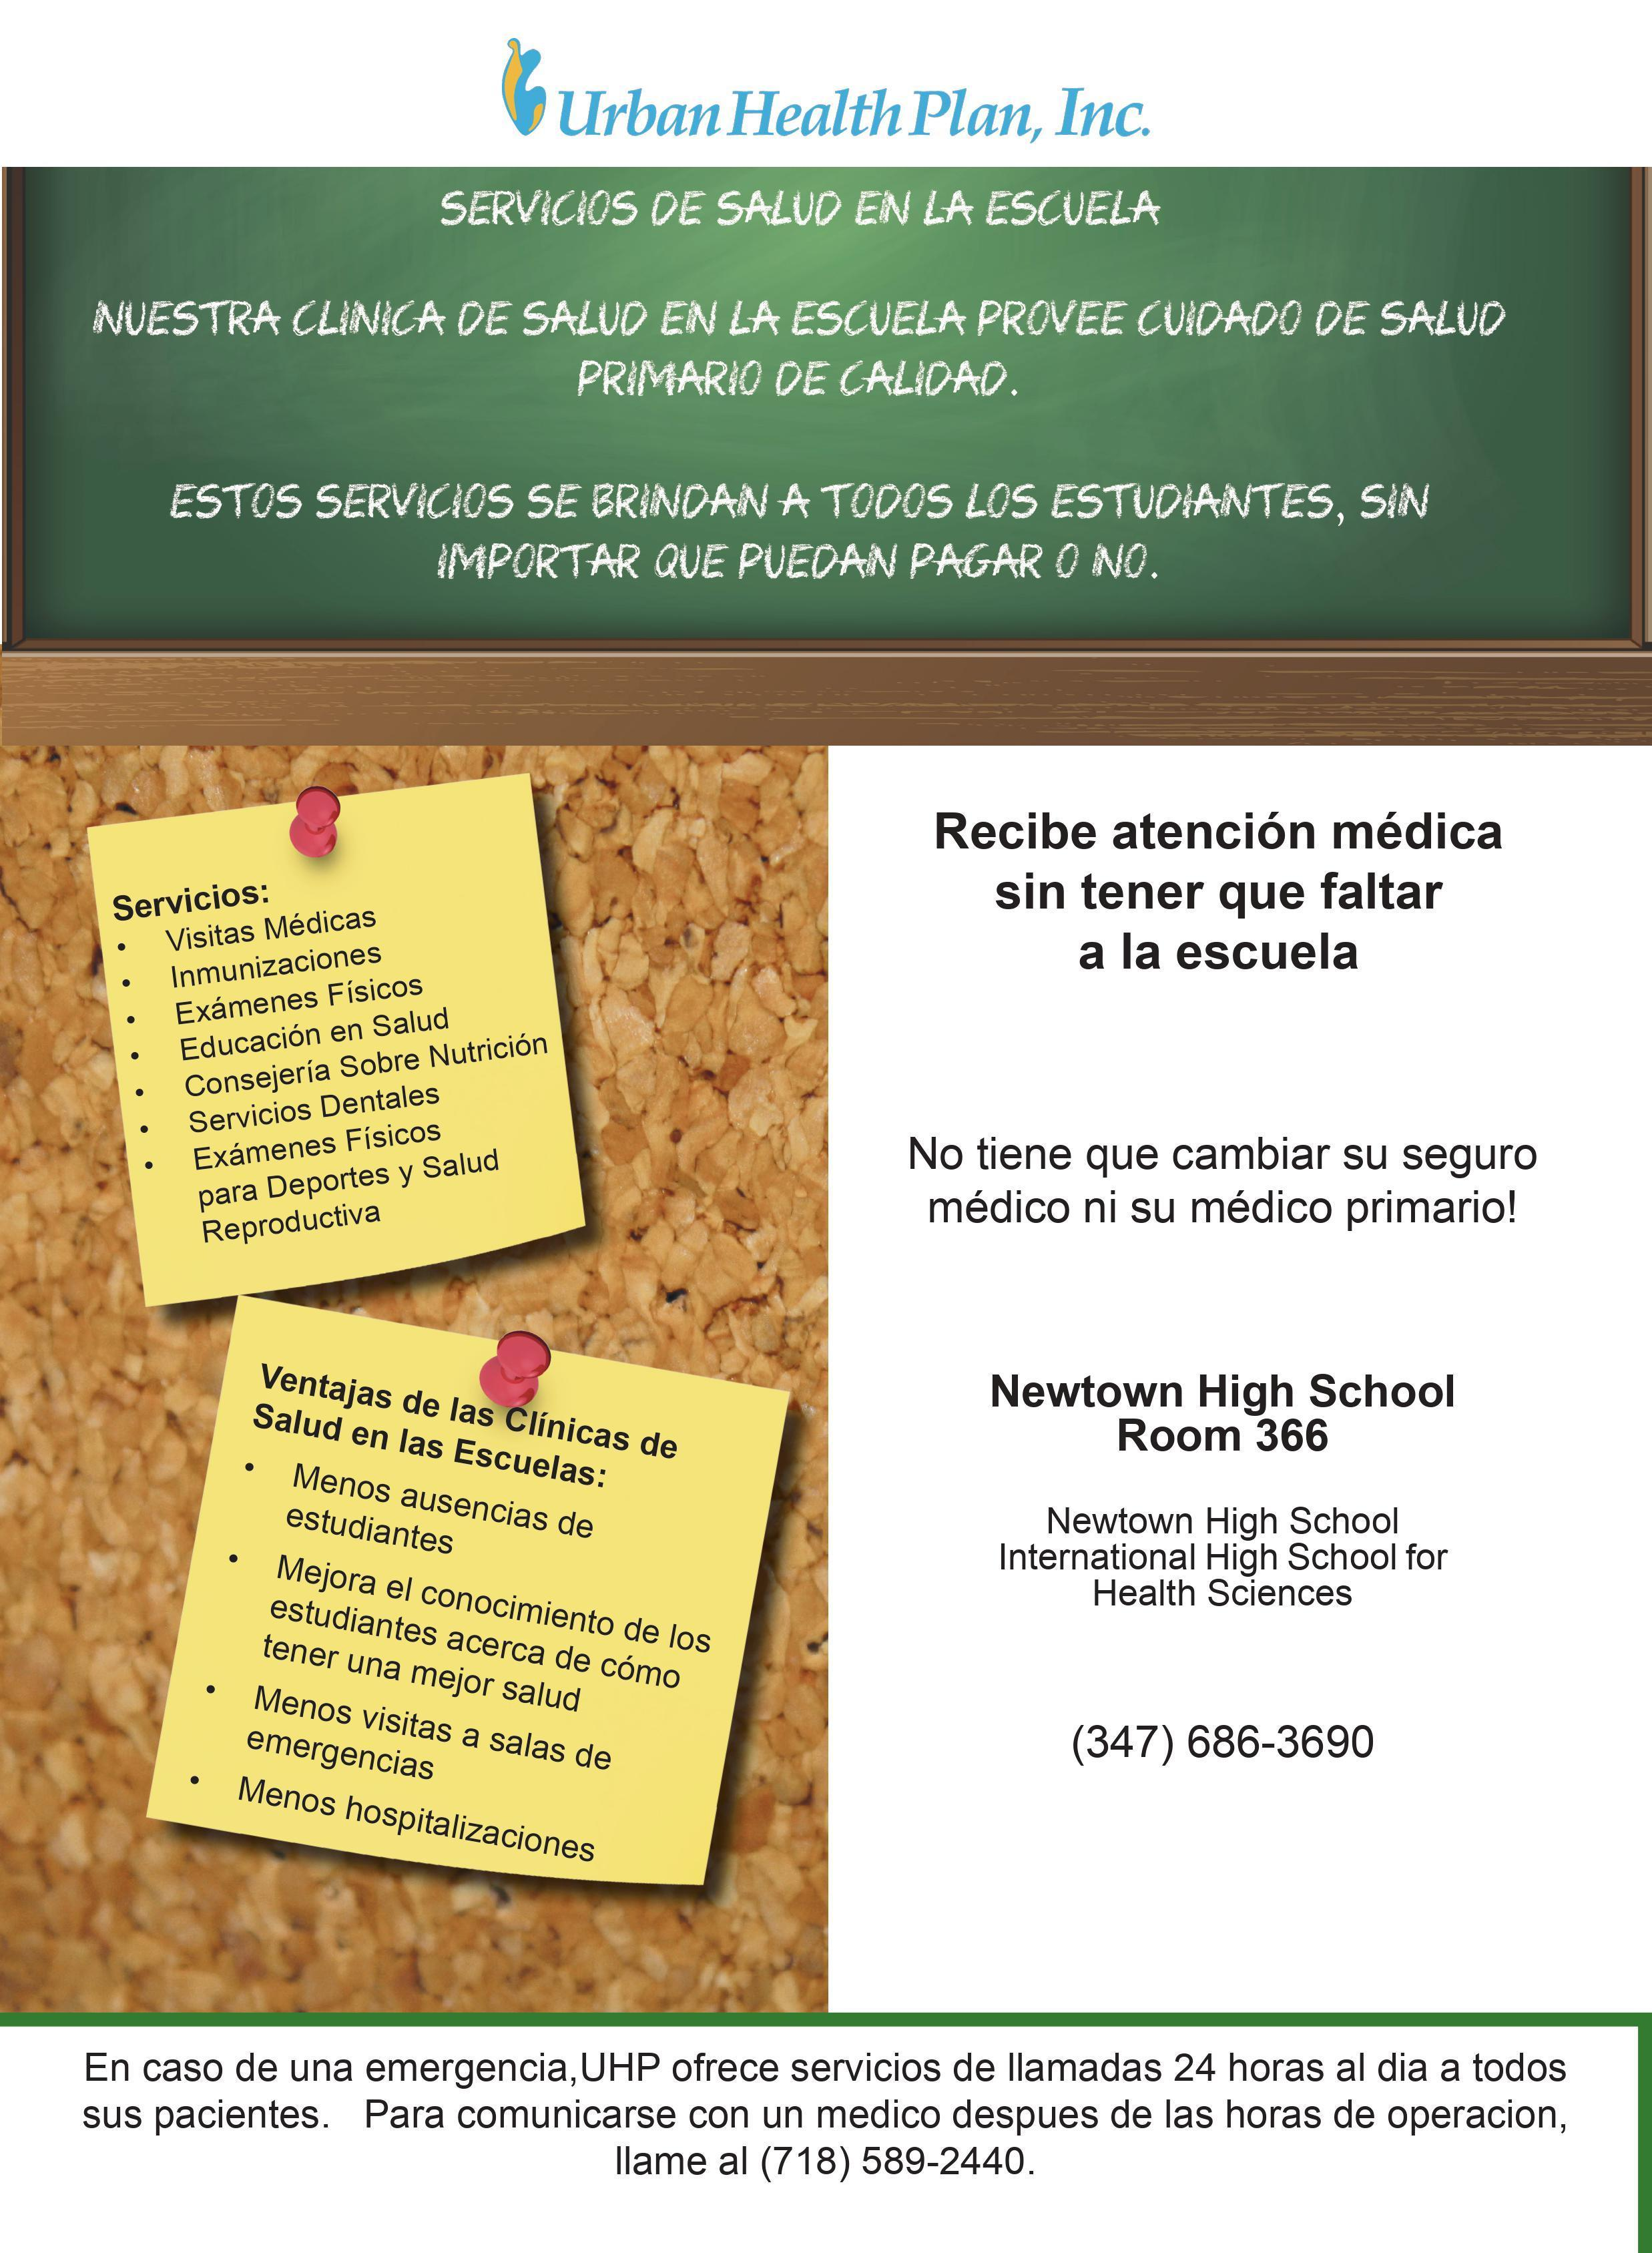 El centro de salud escolar brinda atención médica primaria de calidad independientemente de la capacidad de pago. Llame al 34796863690 para obtener más información.